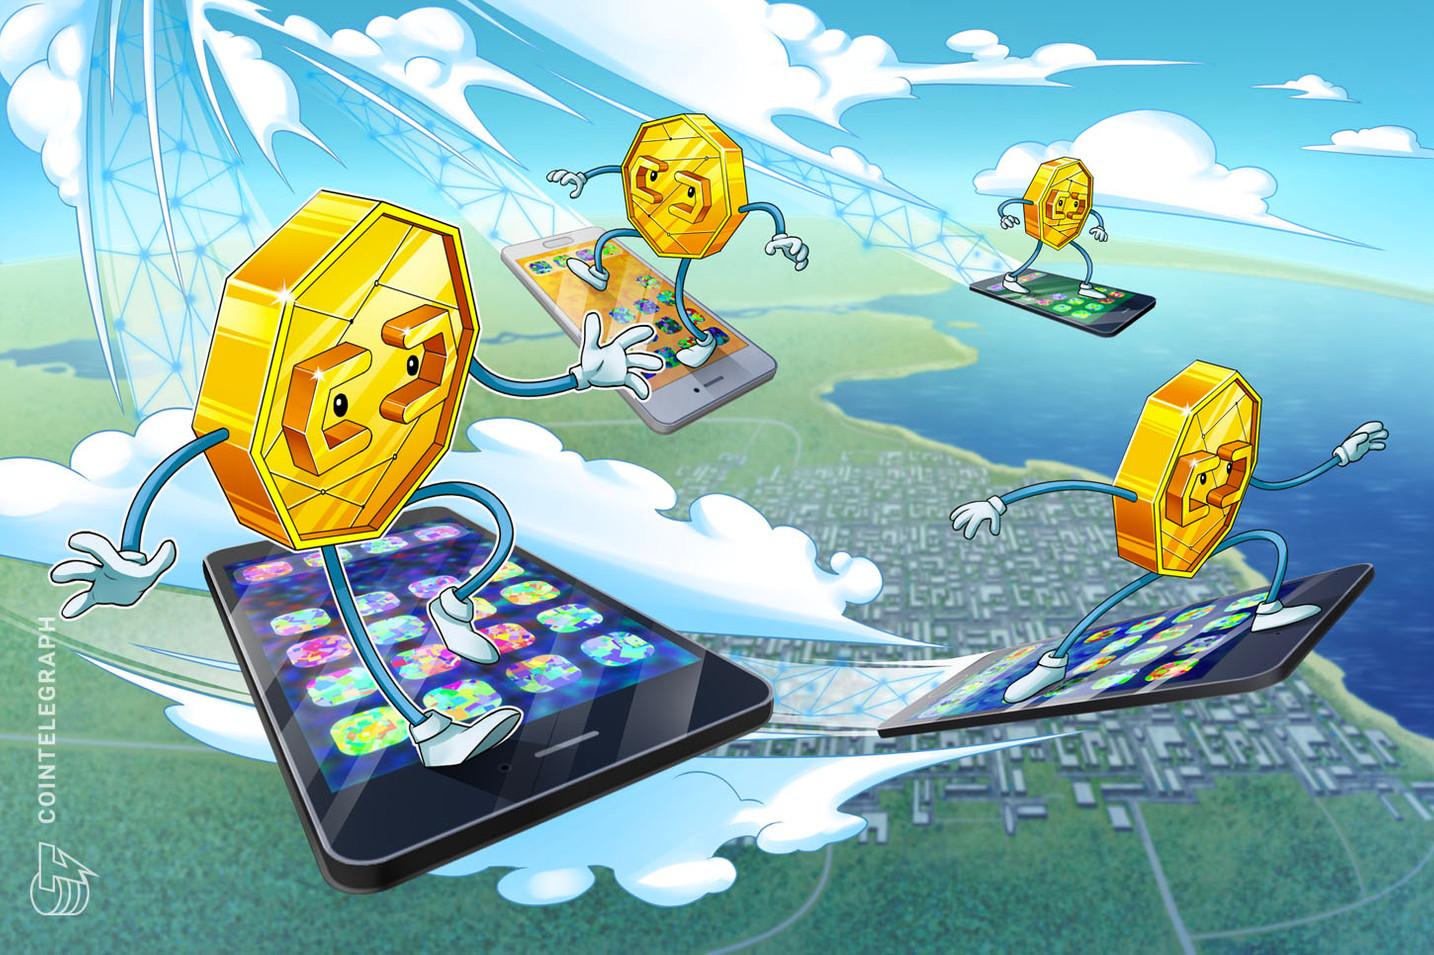 El Banco de Tailandia lanza una aplicación para pagos transfronterizos instantáneos con tecnología de Ripple